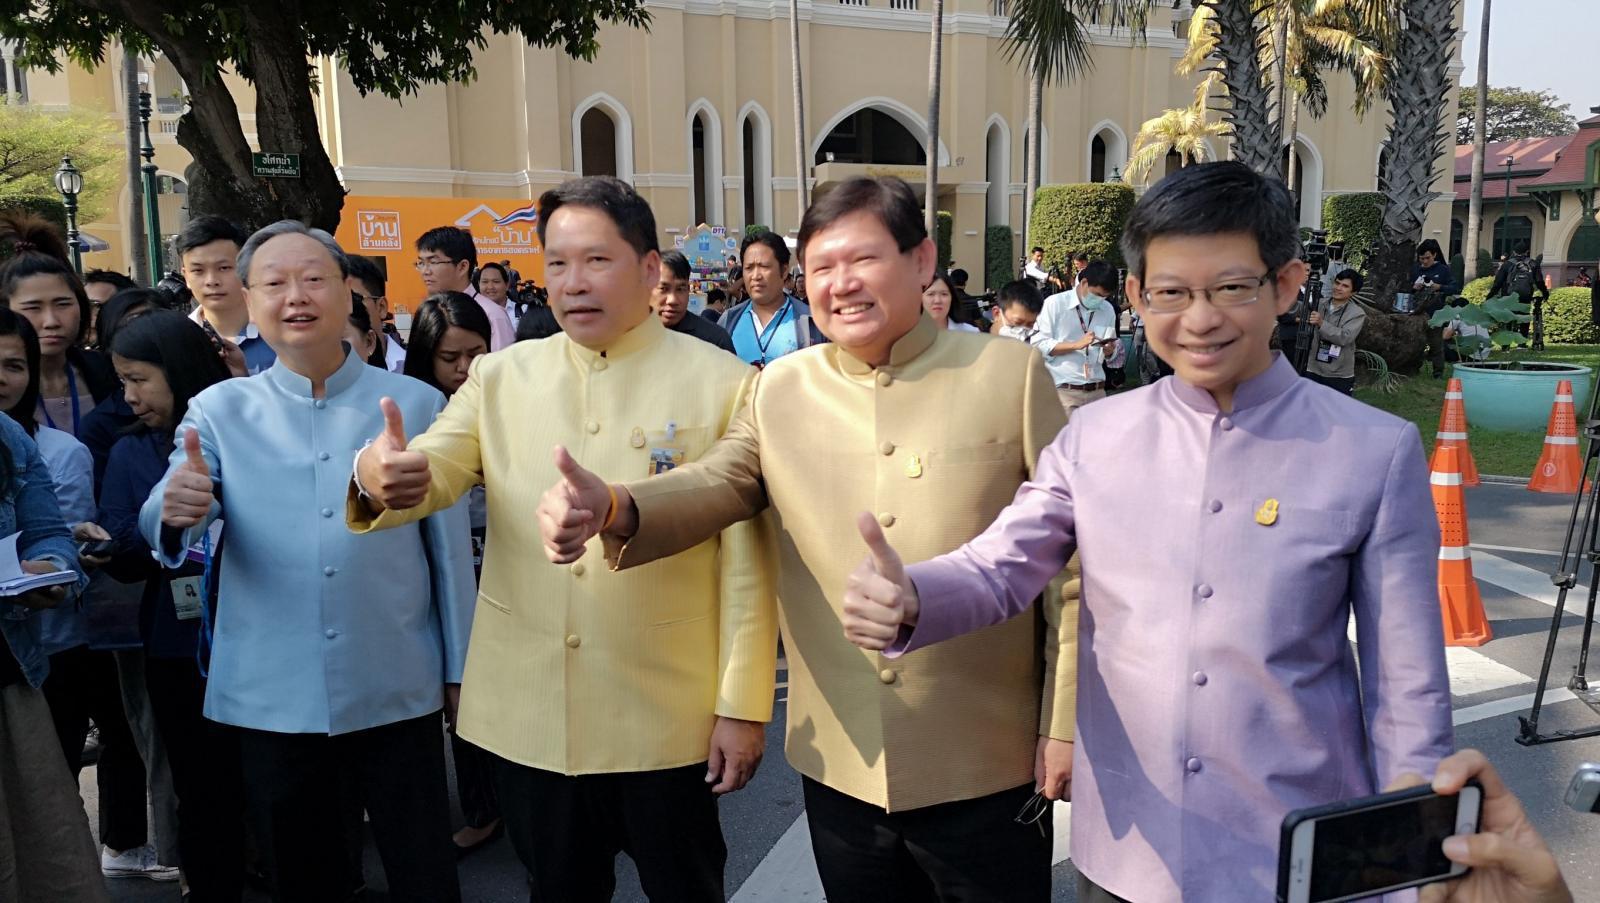 4 รัฐมนตรี พลังประชารัฐ ประกาศลาออกแล้ว